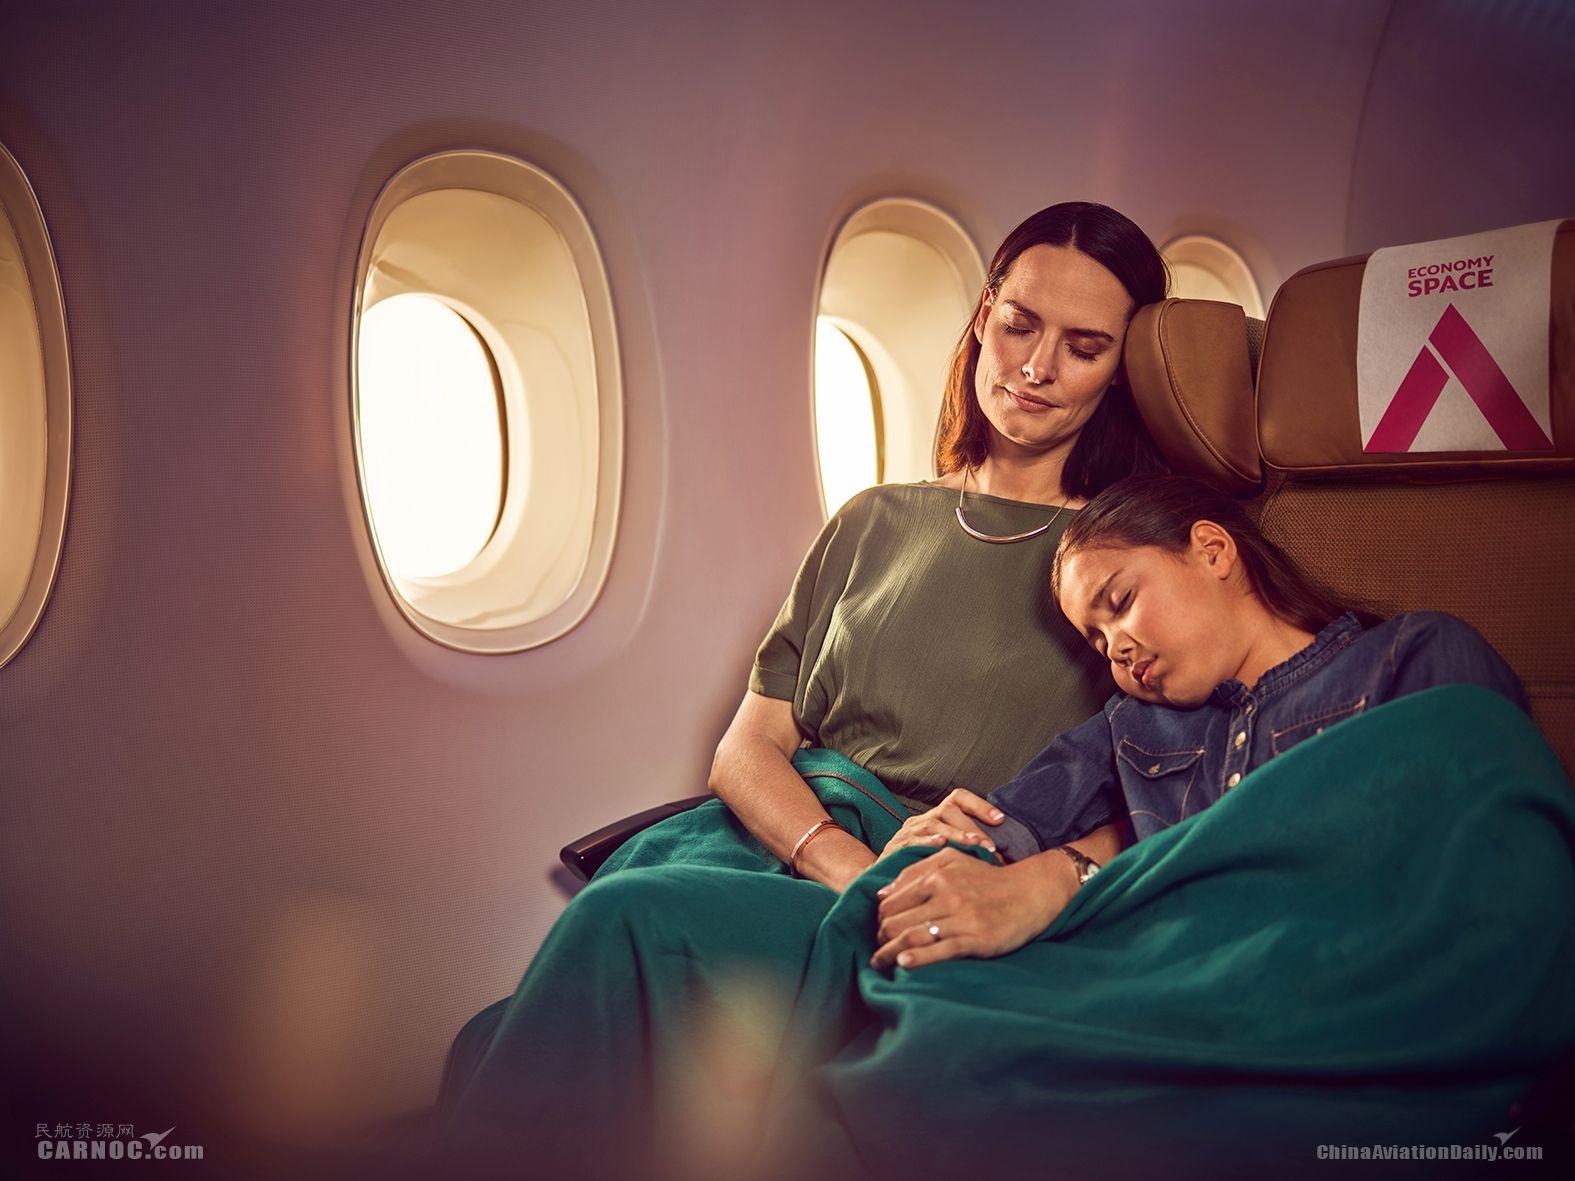 阿提哈德航空推出全新超宽经济舱座椅